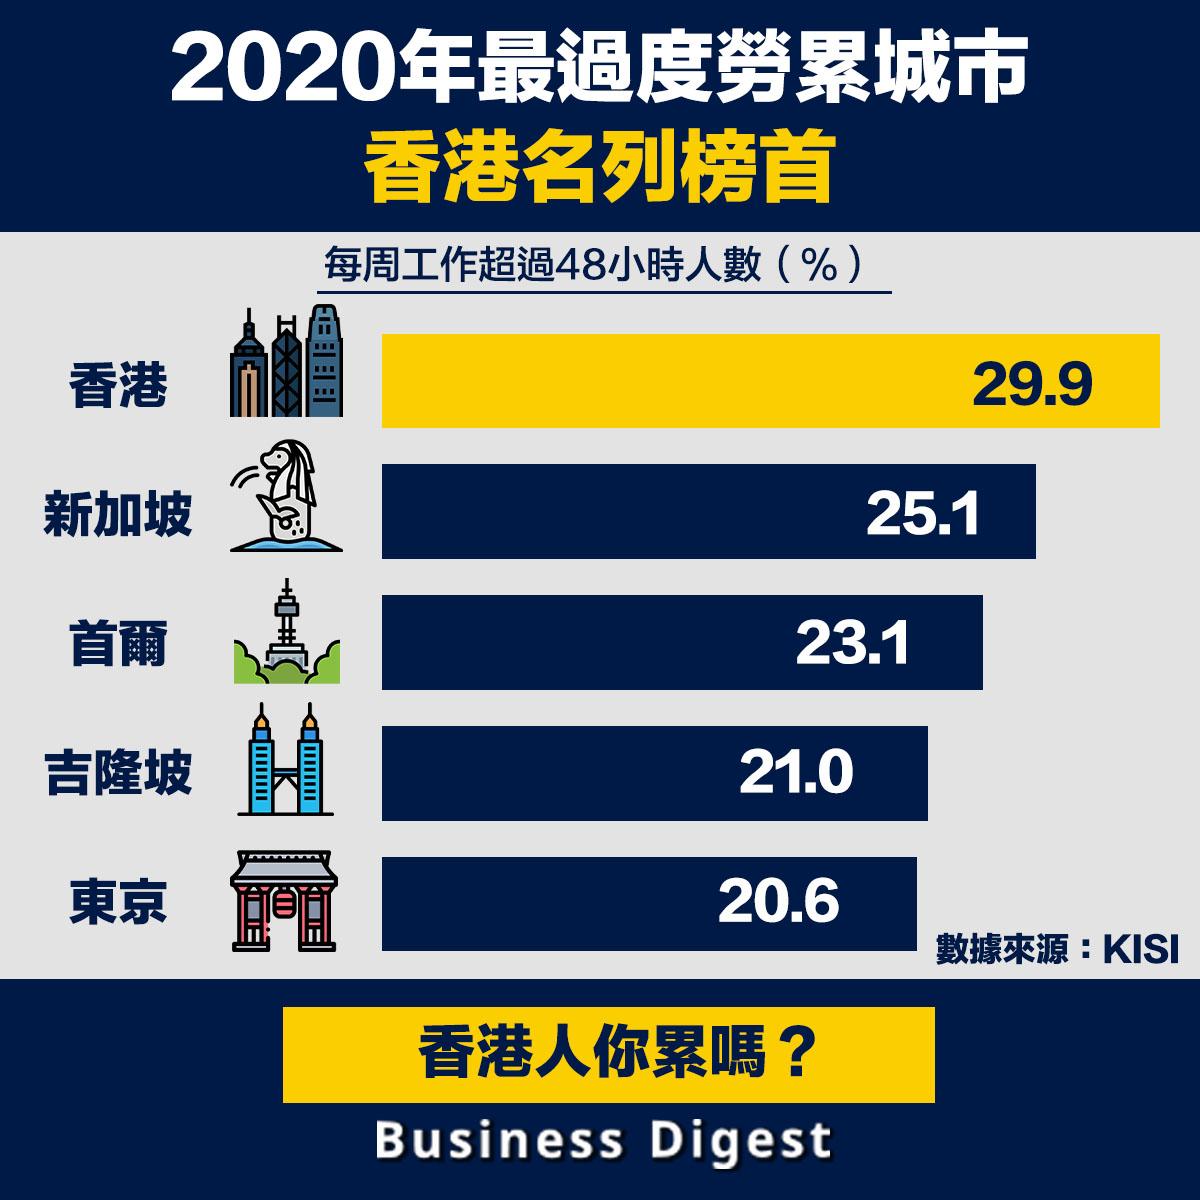 網上平台KISI發表《2020年工作與生活平衡城市排行榜》